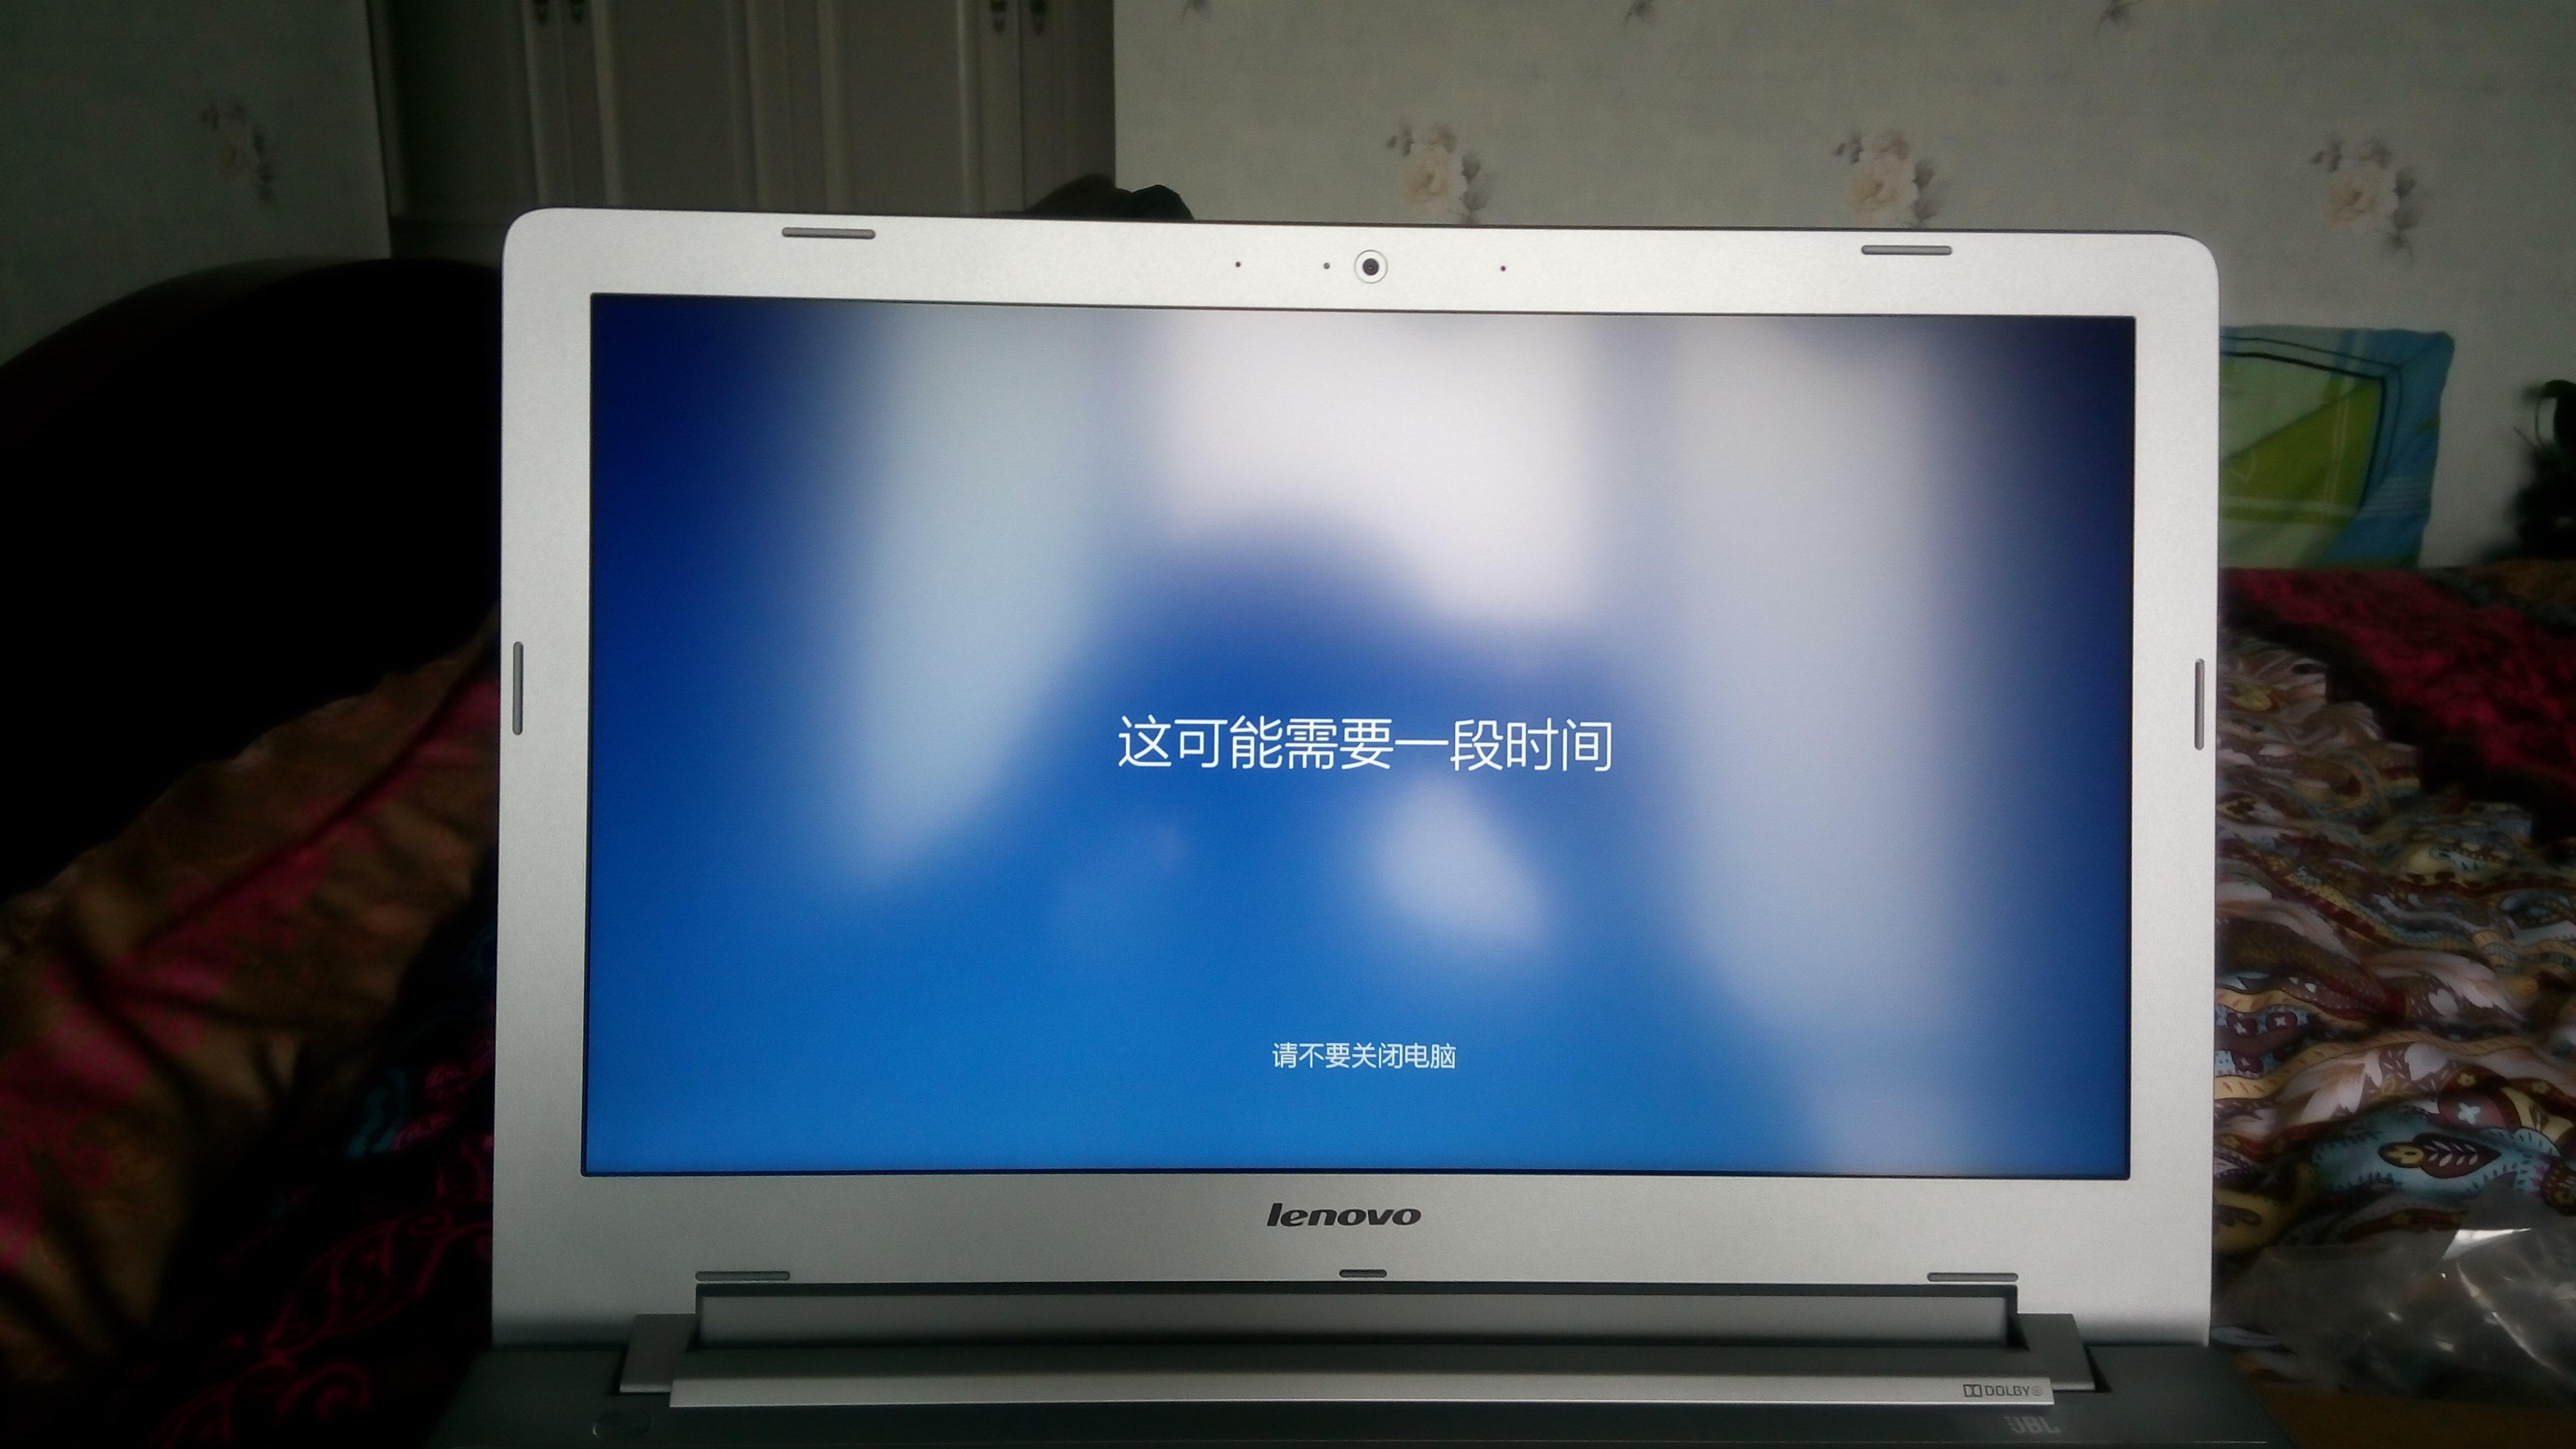 笔记本 笔记本电脑 创维 电视 电视机 4608_2592图片